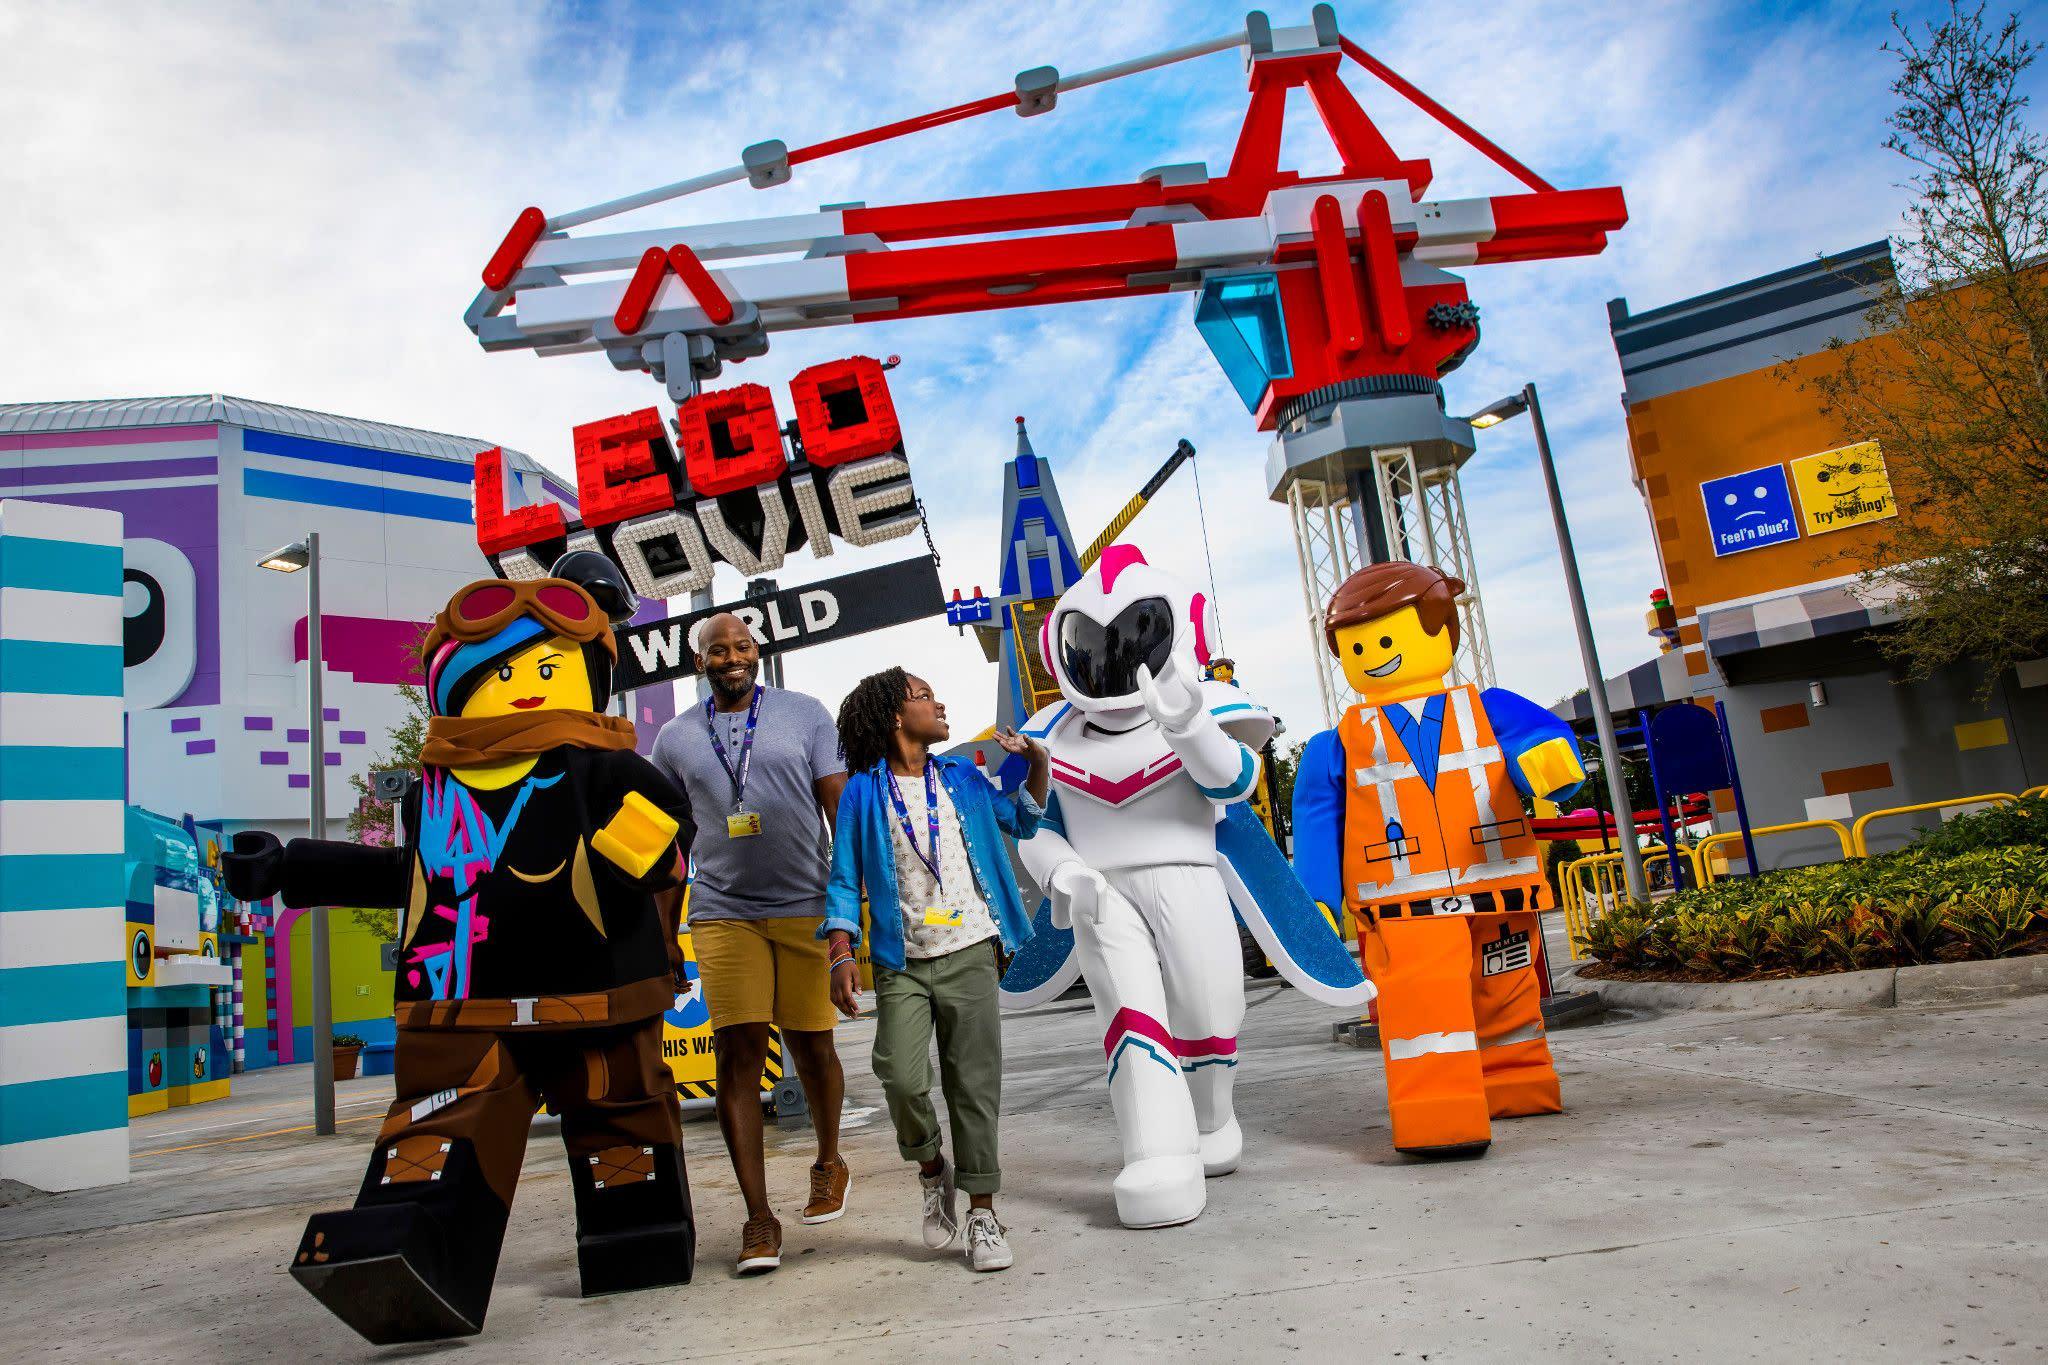 THE LEGO MOVIE WORLD at LEGOLAND Florida Resort